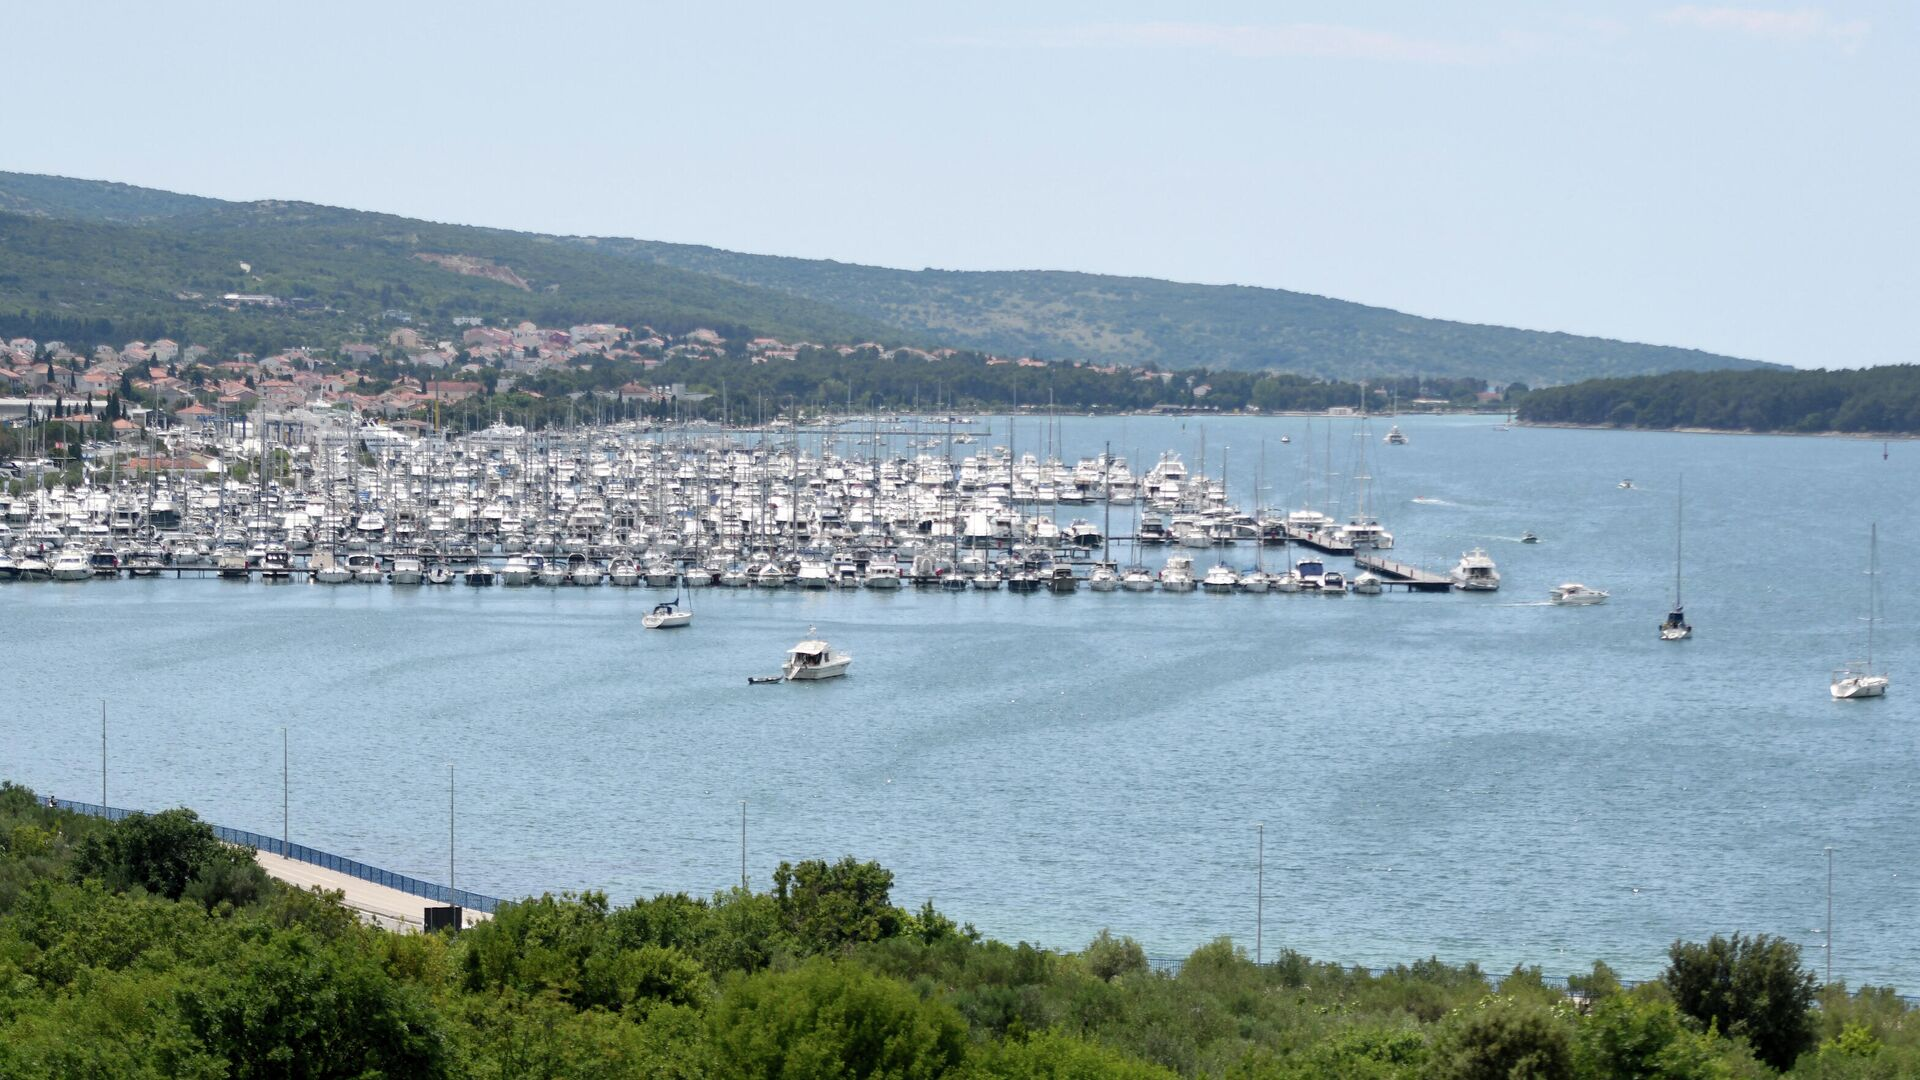 Kroatische Insel Krk - SNA, 1920, 31.08.2021